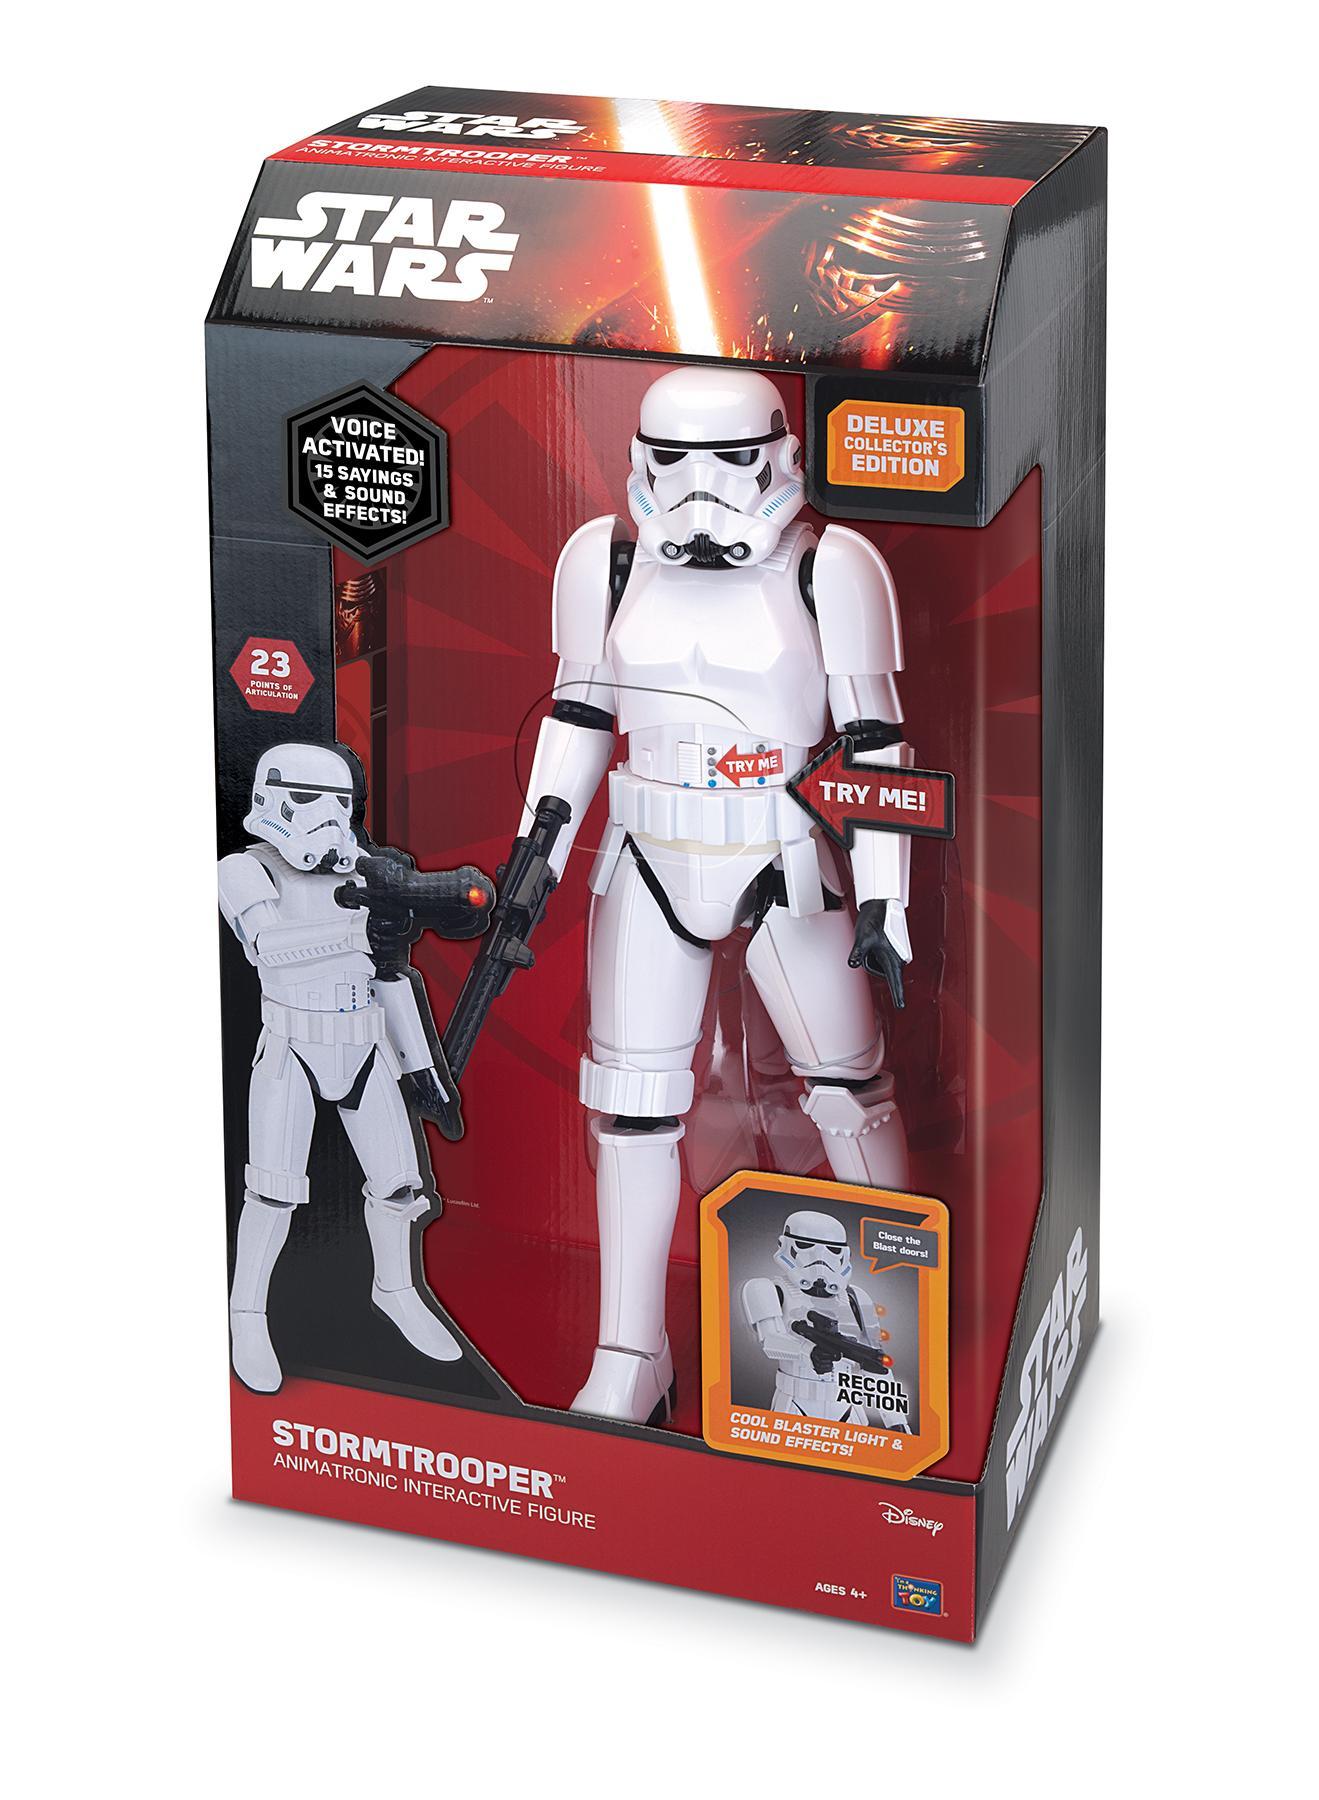 Aufsteller & Figuren Star Wars Plüschfigur Mit Sound Stormtrooper 23 Cm *englische Version* Kunden Zuerst Film-fanartikel